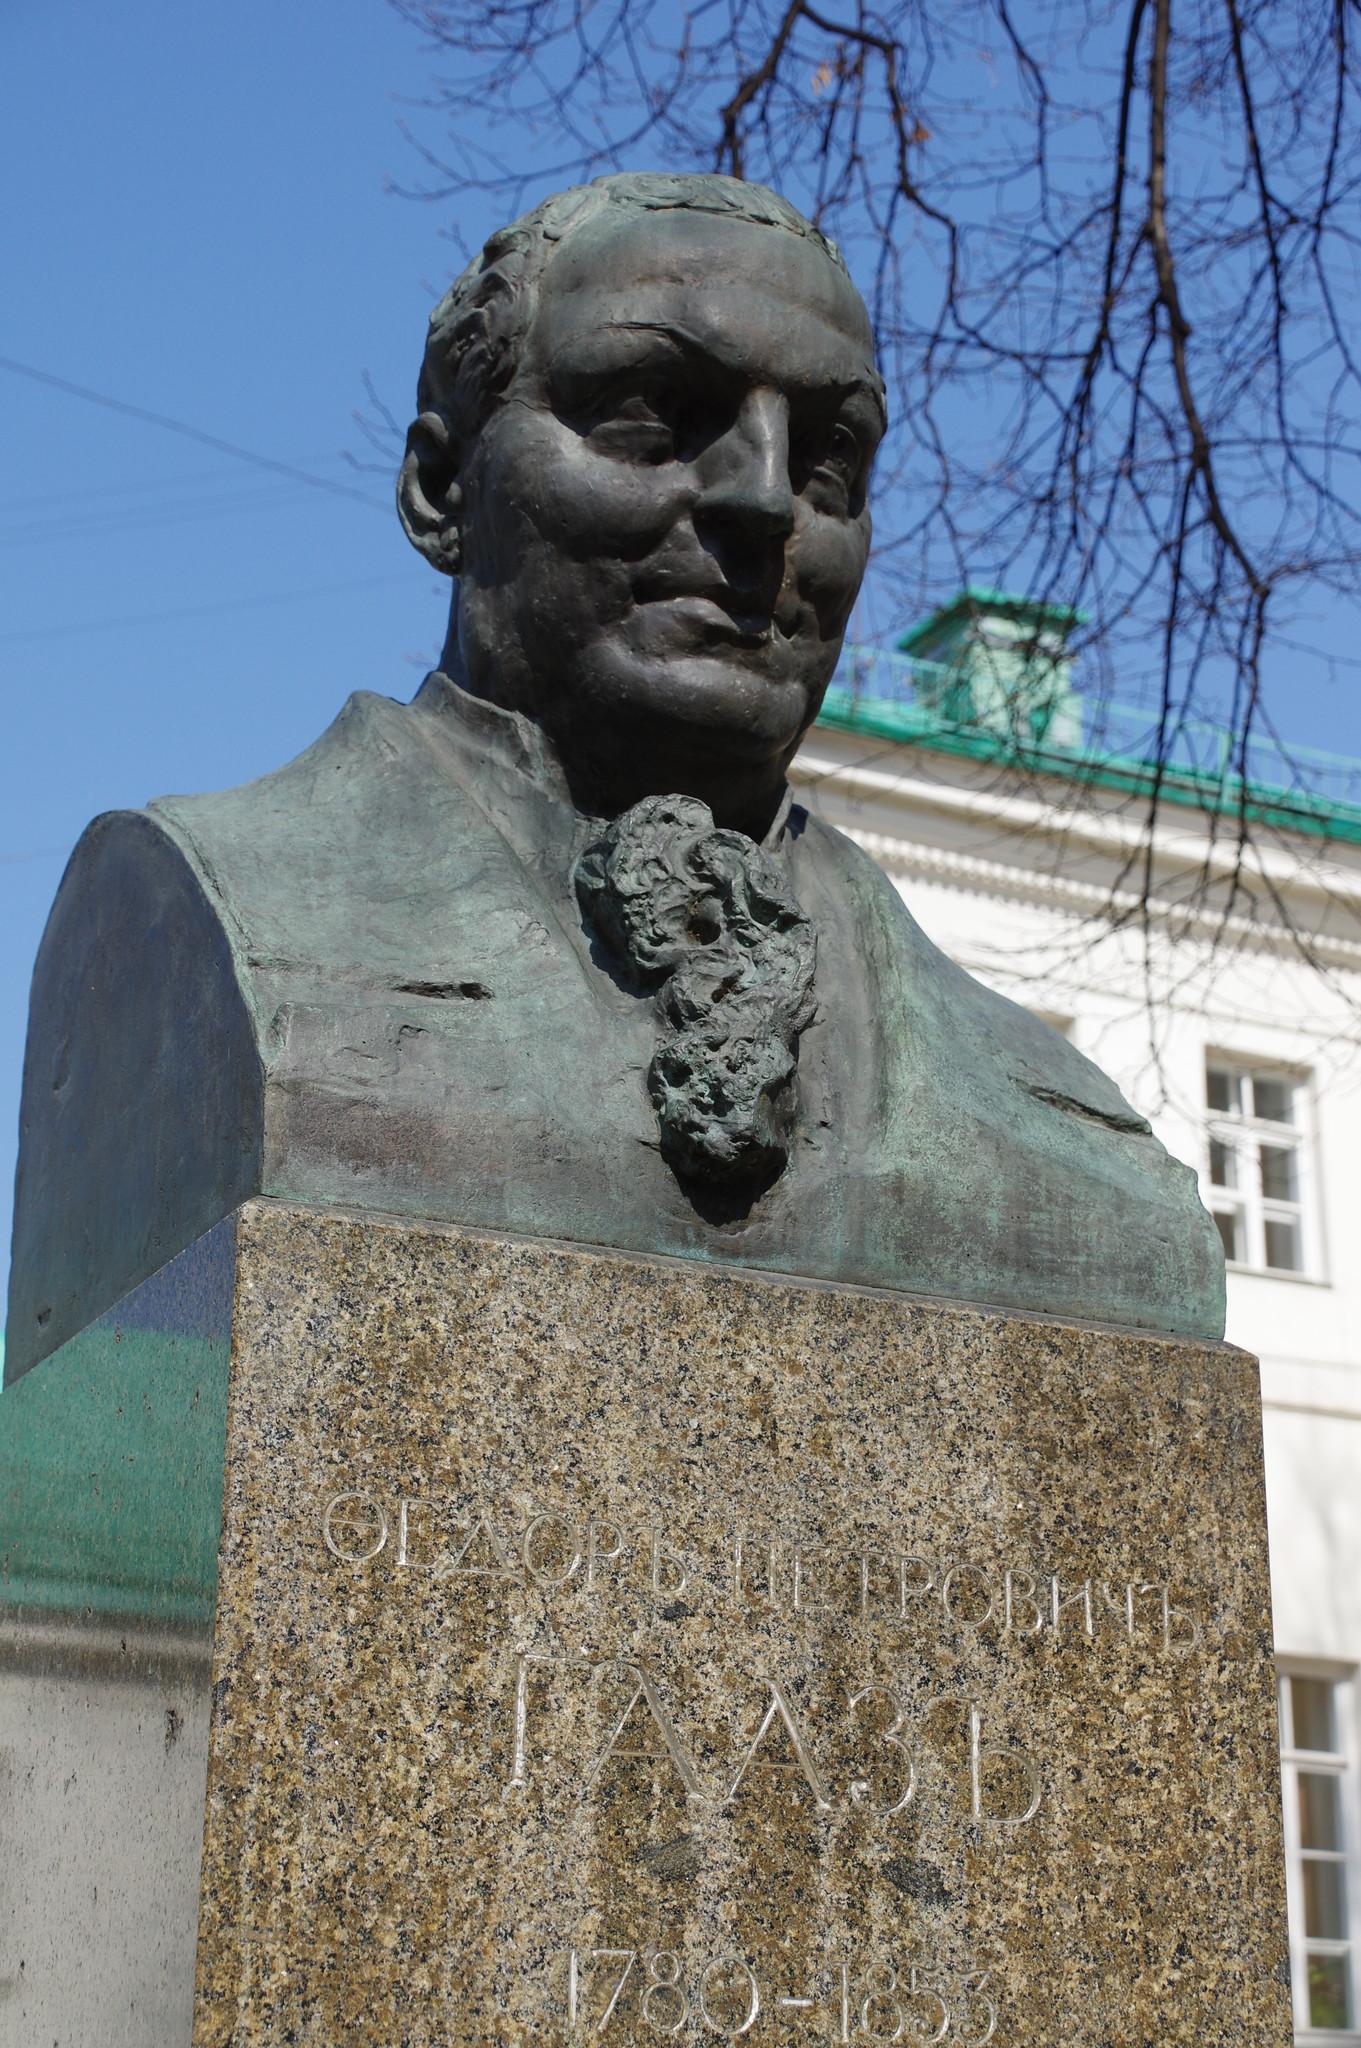 Памятник доктору Фёдору Гаазу, установленный в Москве в Малом Казённом переулке